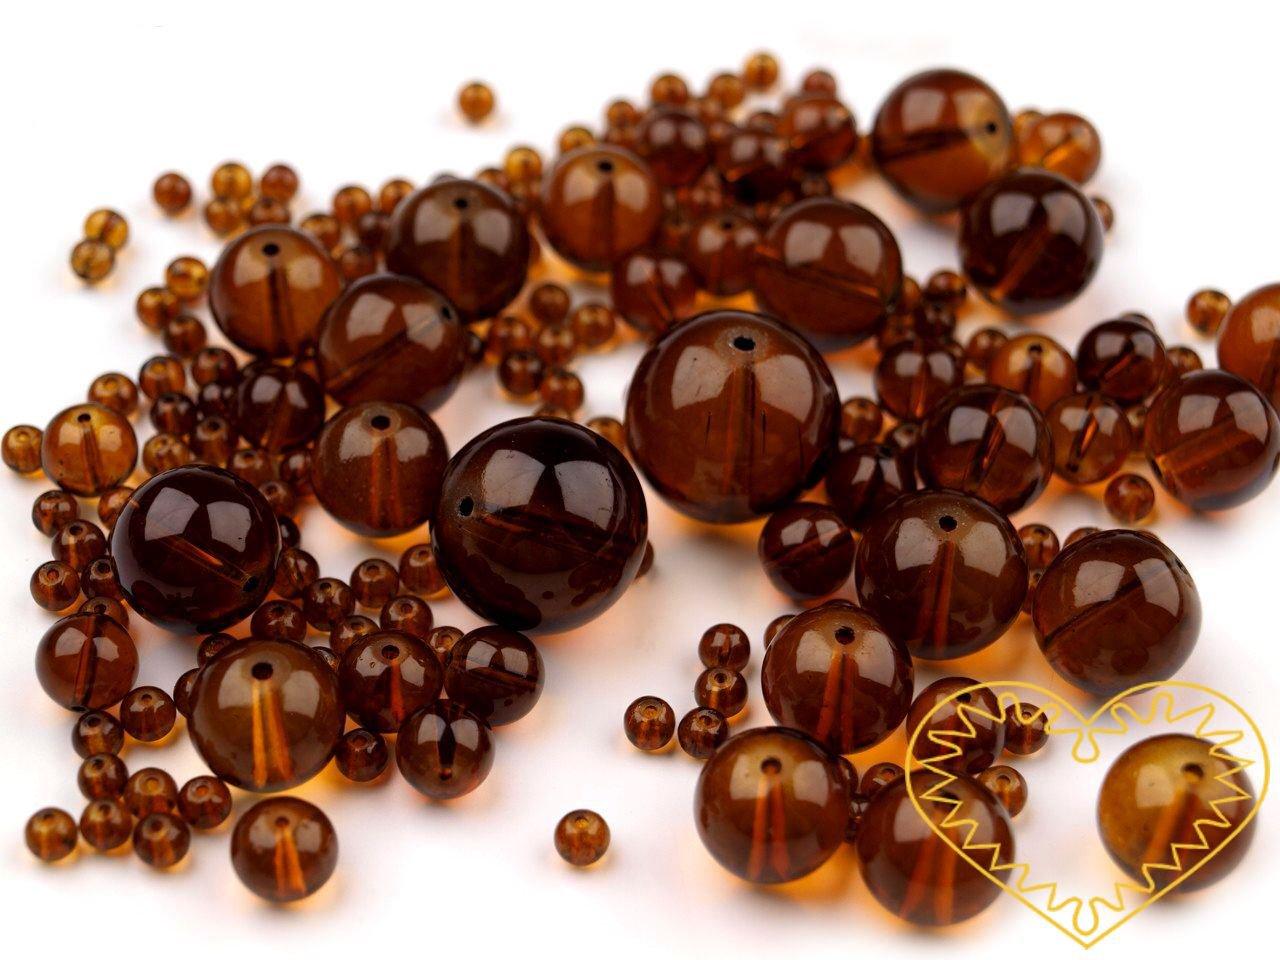 Hnědé skleněné korálky Ø 4-18 mm - 100 g. Korálky mají průvlek 1 mm. V balení je mix velikostí korálků Ø 4, 8, 11, 14, 18 mm. Tyto skleněné korálky jsou pro dosažení vysokého lesku lakovány. Z toho důvodu doporučujeme šetrné zacházení s korálky. Před